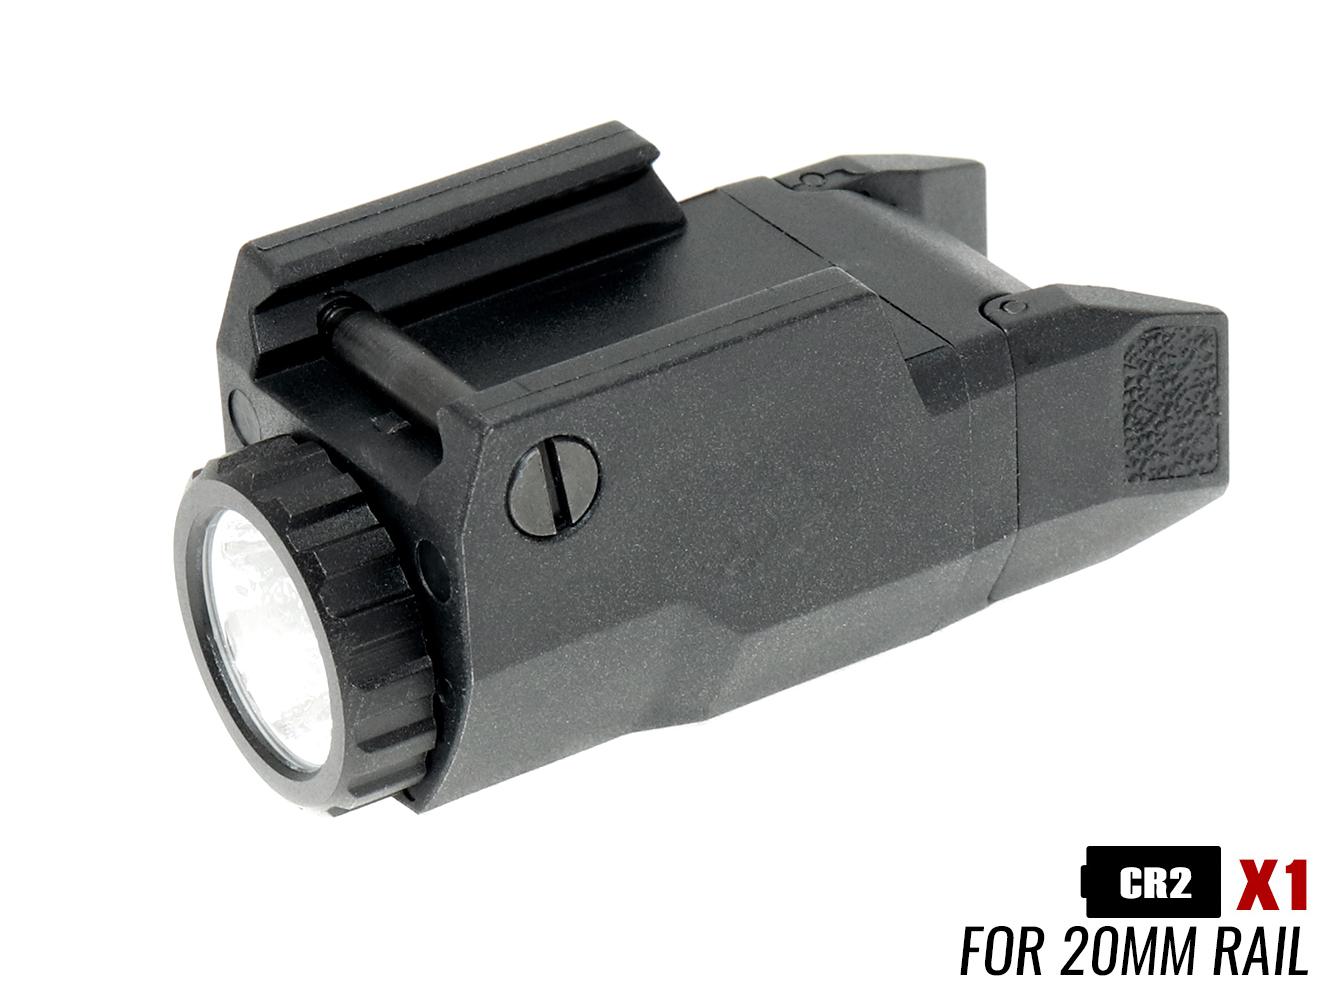 MILITARY-BASE(ミリタリーベース) INFORCEタイプ APL-C ポリマーウェポンライト◆コンパクトサイズ G19 G26 USP-C HK45 フラッシュライト